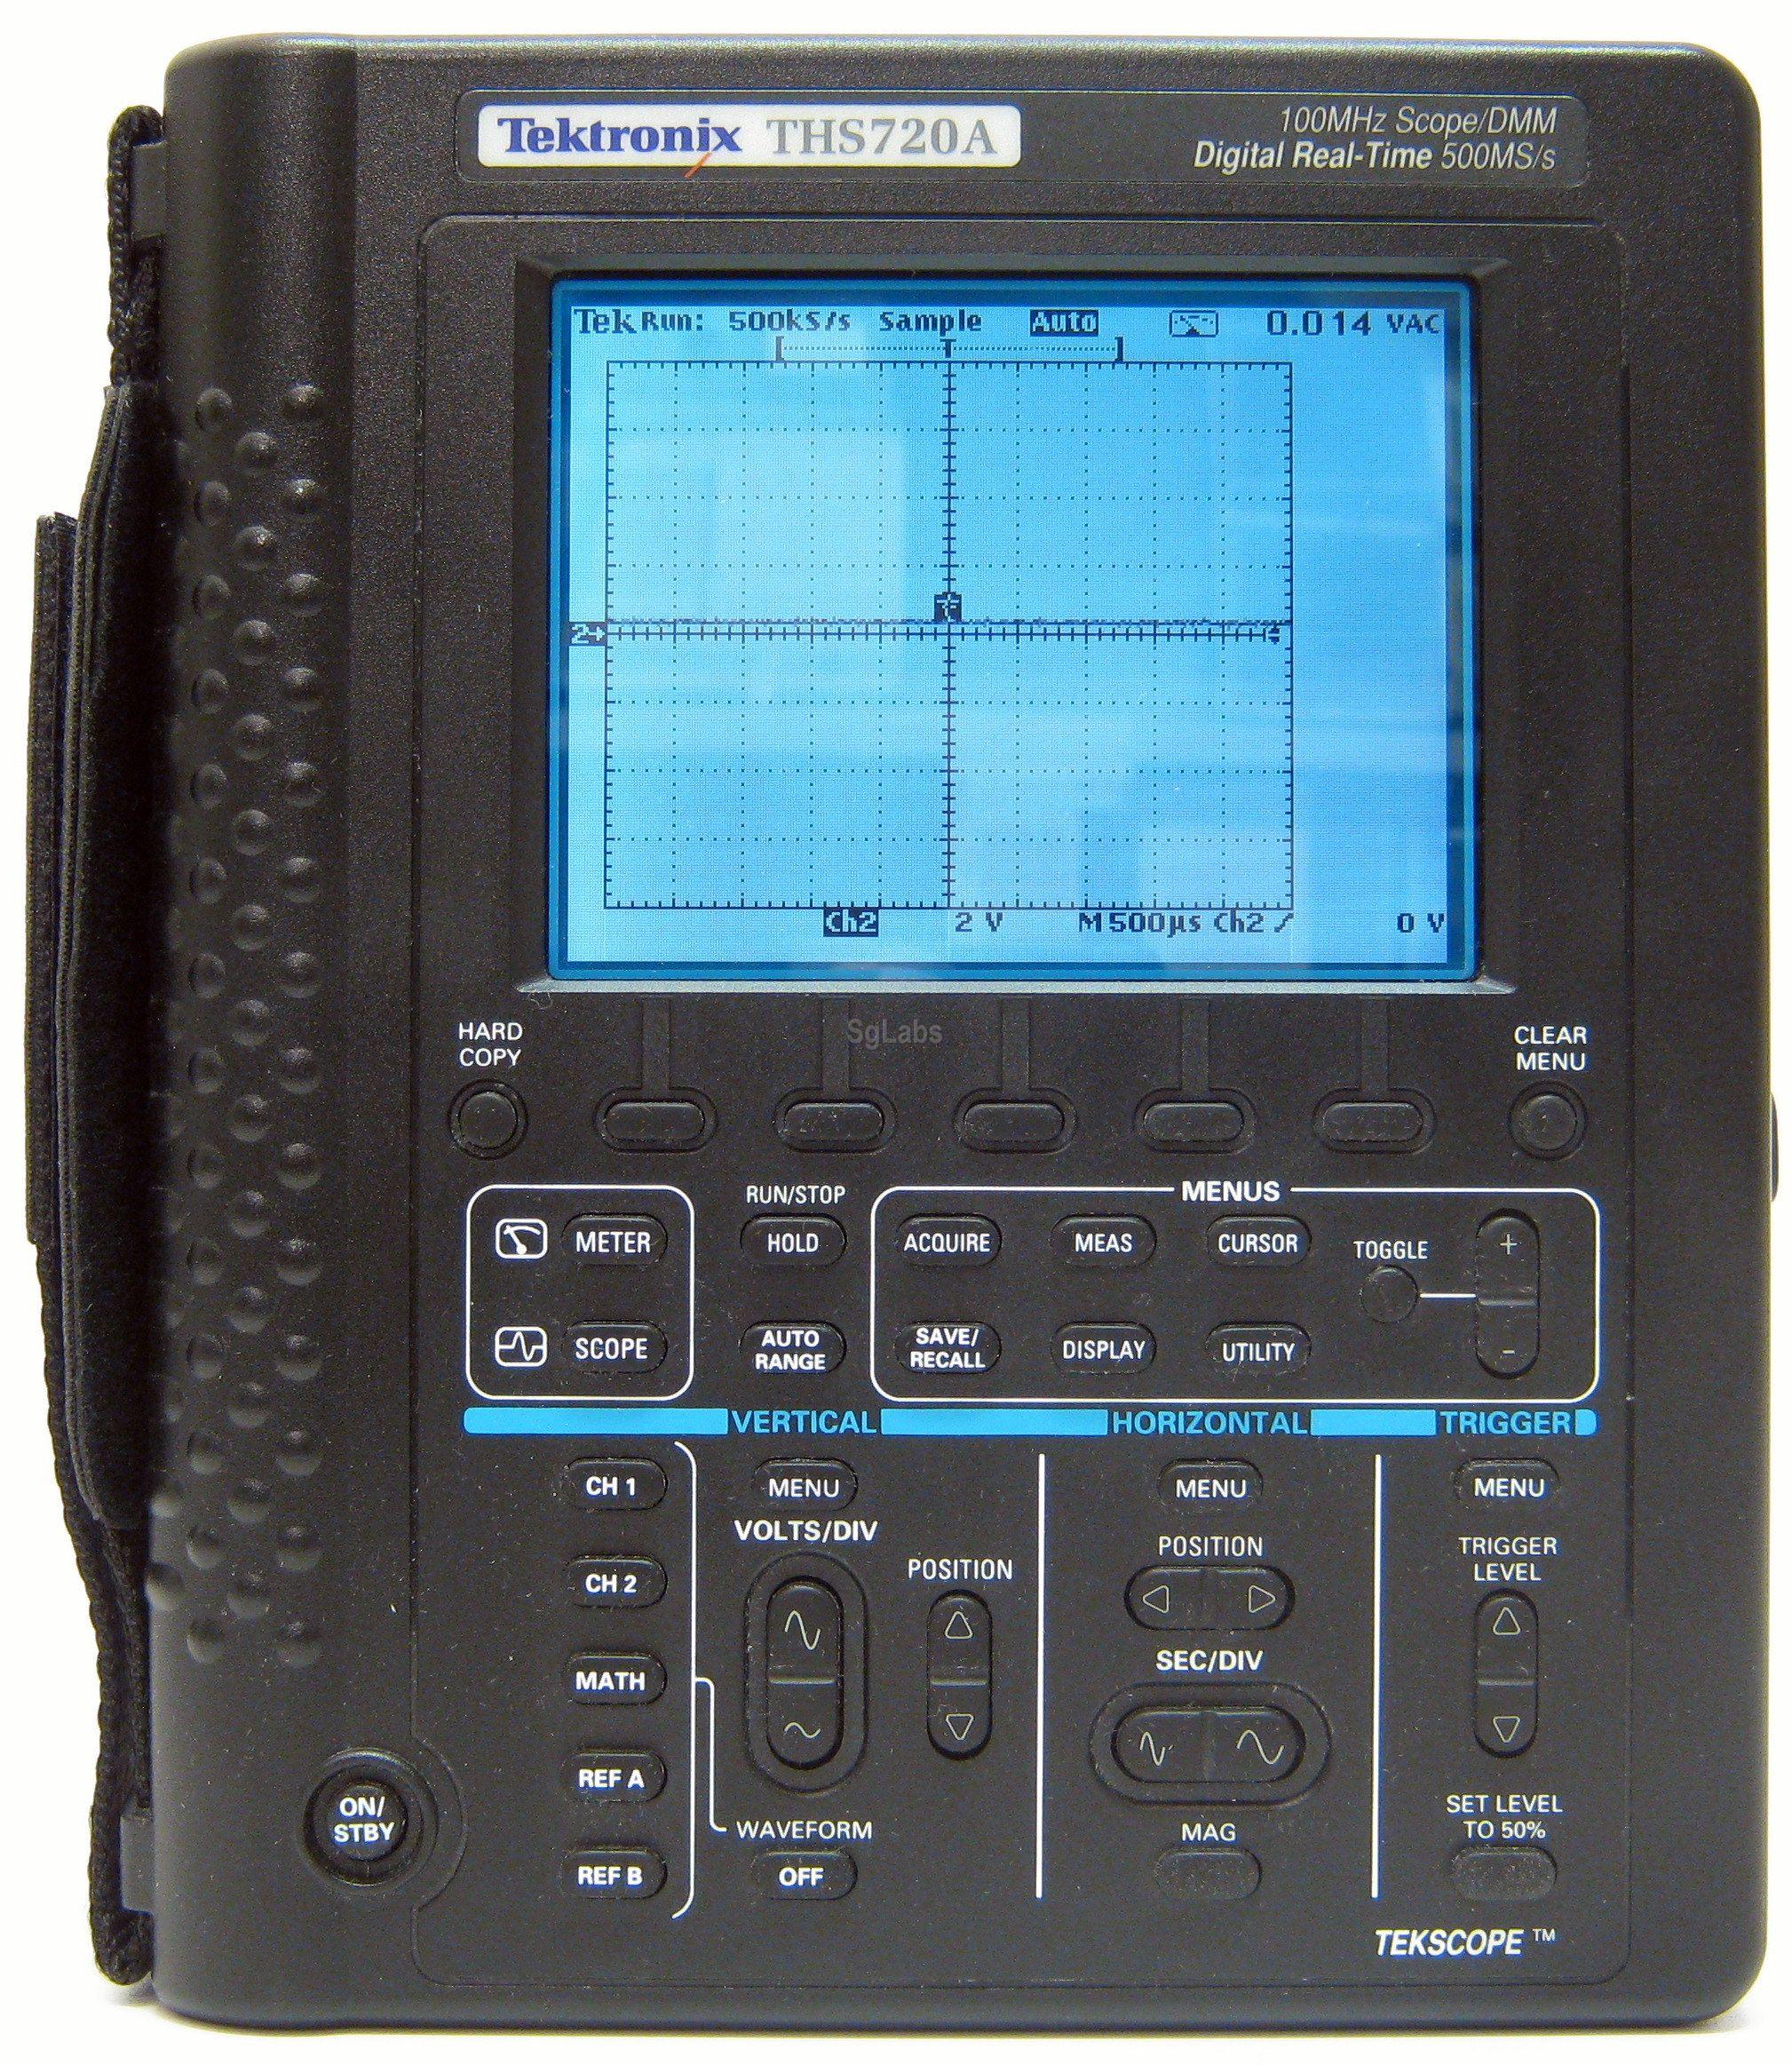 Tektronix, THS 720A - Oscilloscope